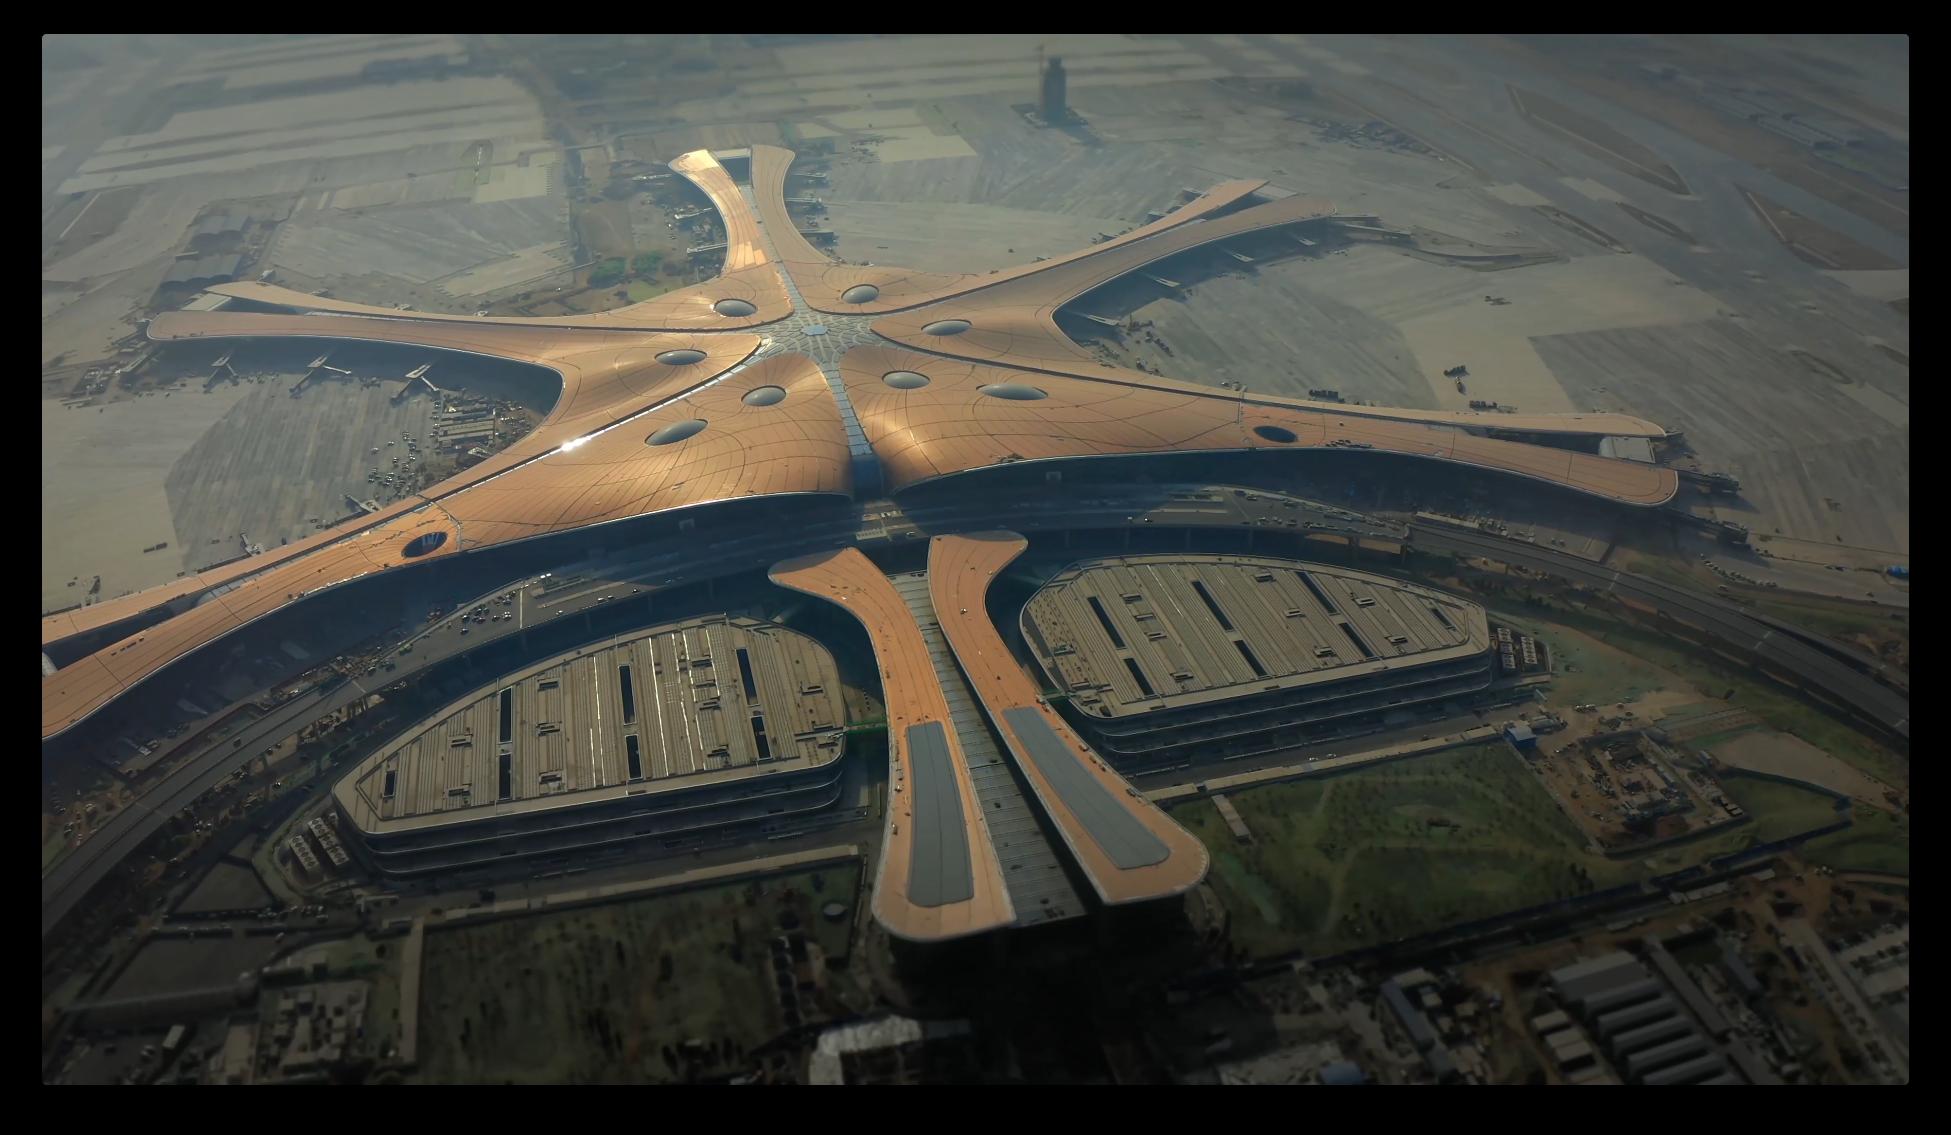 Zaha Hadid's starfish-like airport inaugurated in China